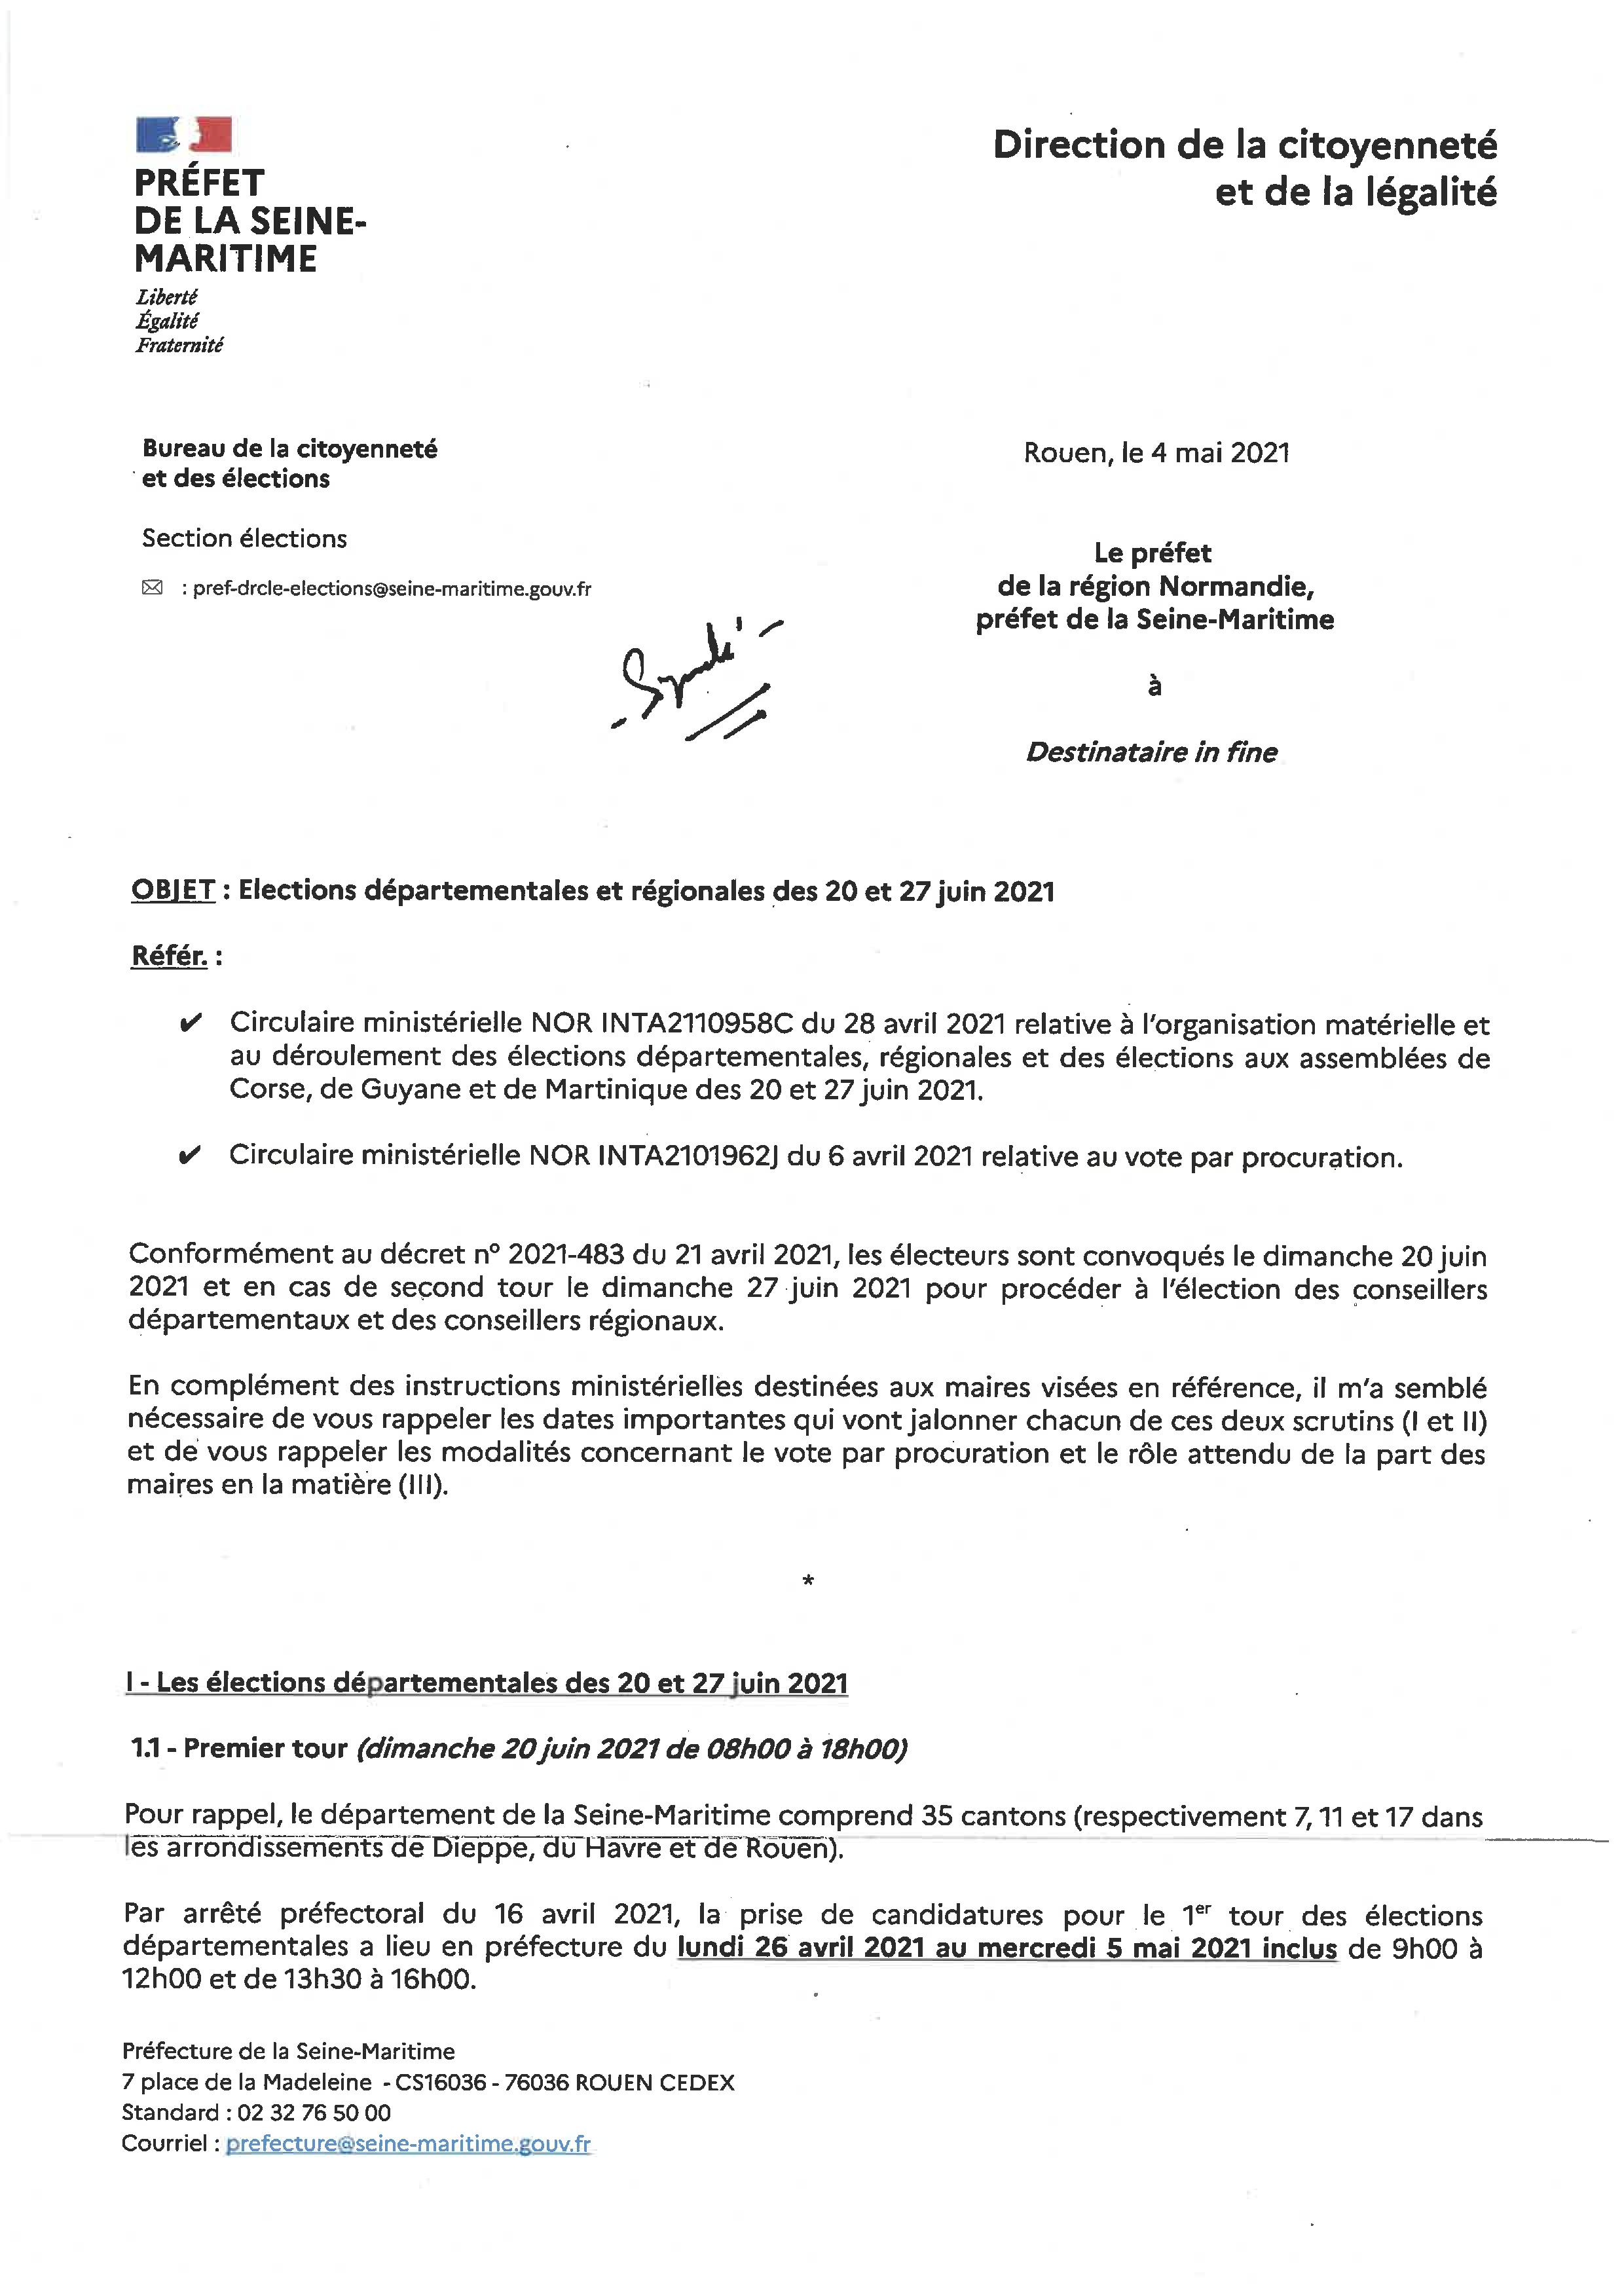 21 05 04 Circulaire préfet - Elections départementales et régionales 2021-0.png